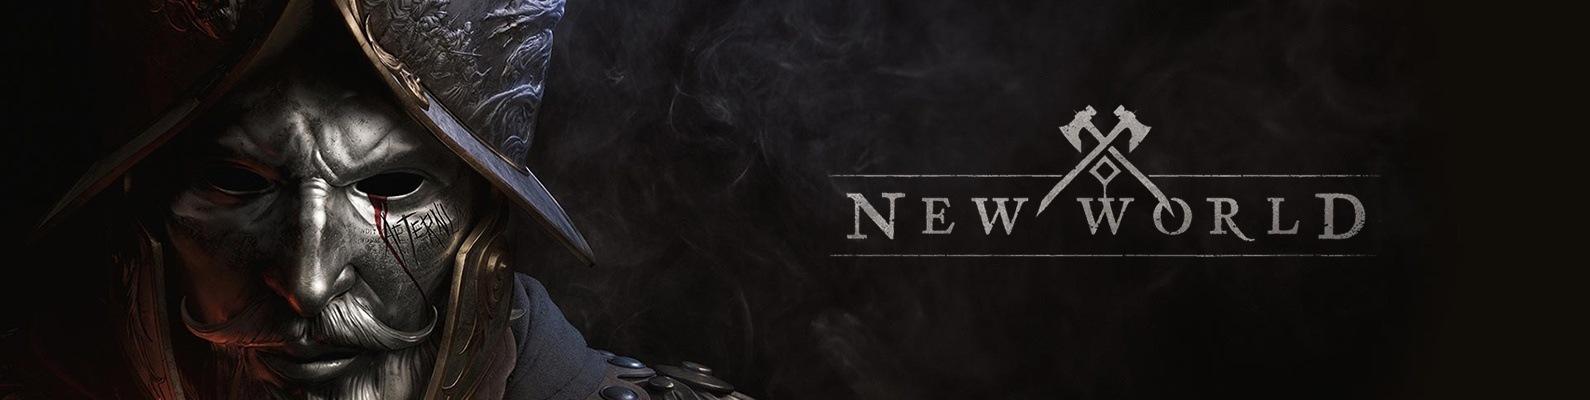 Картинки по запросу игра New World